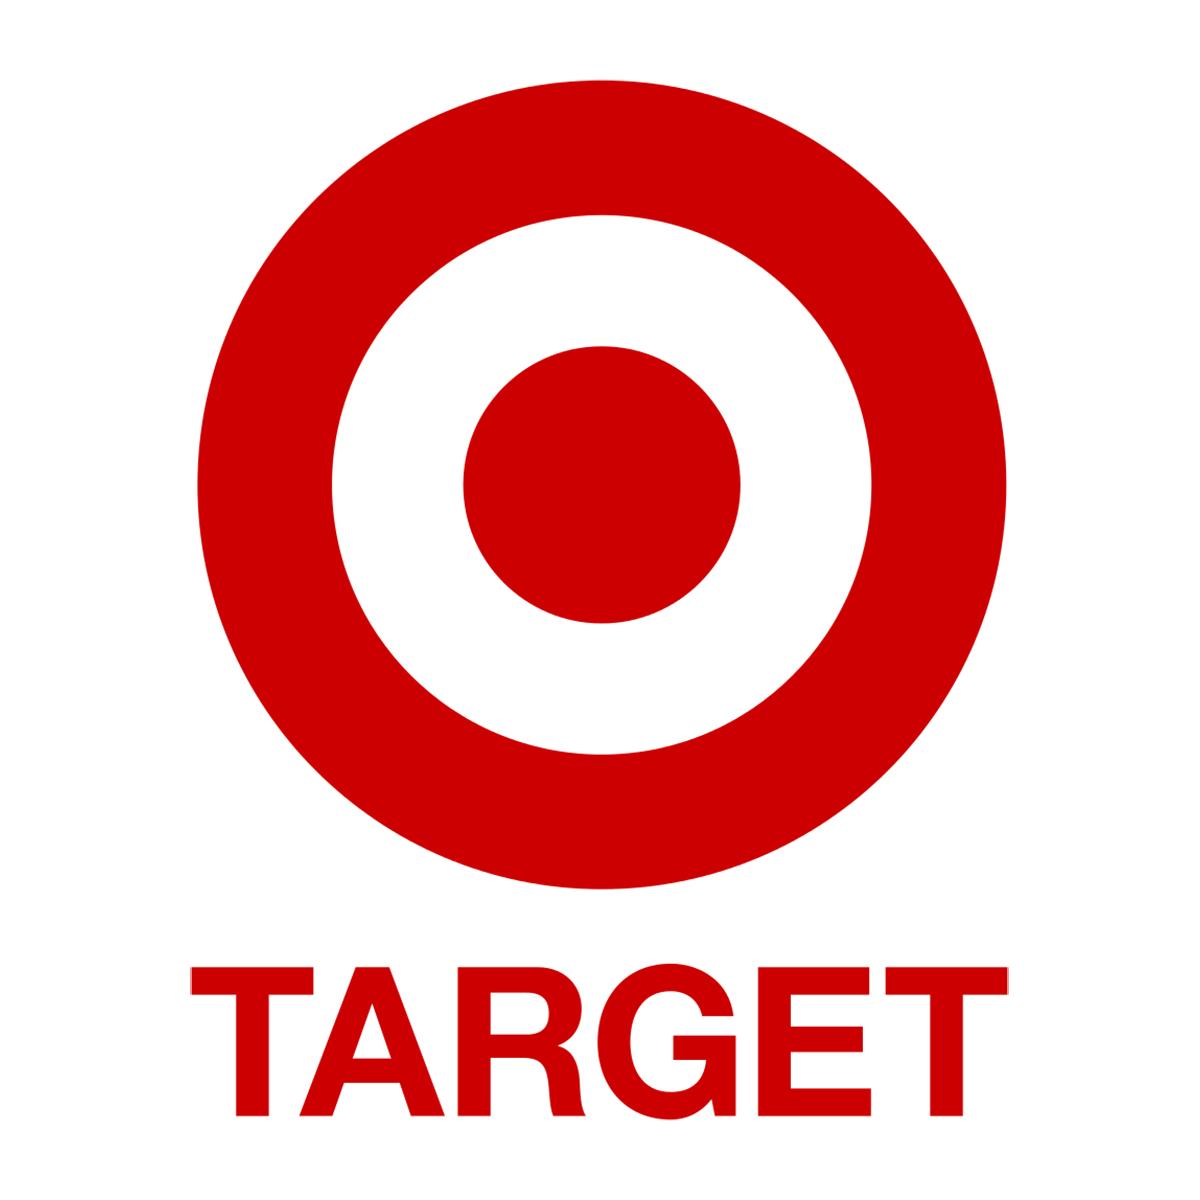 A-Target.jpg